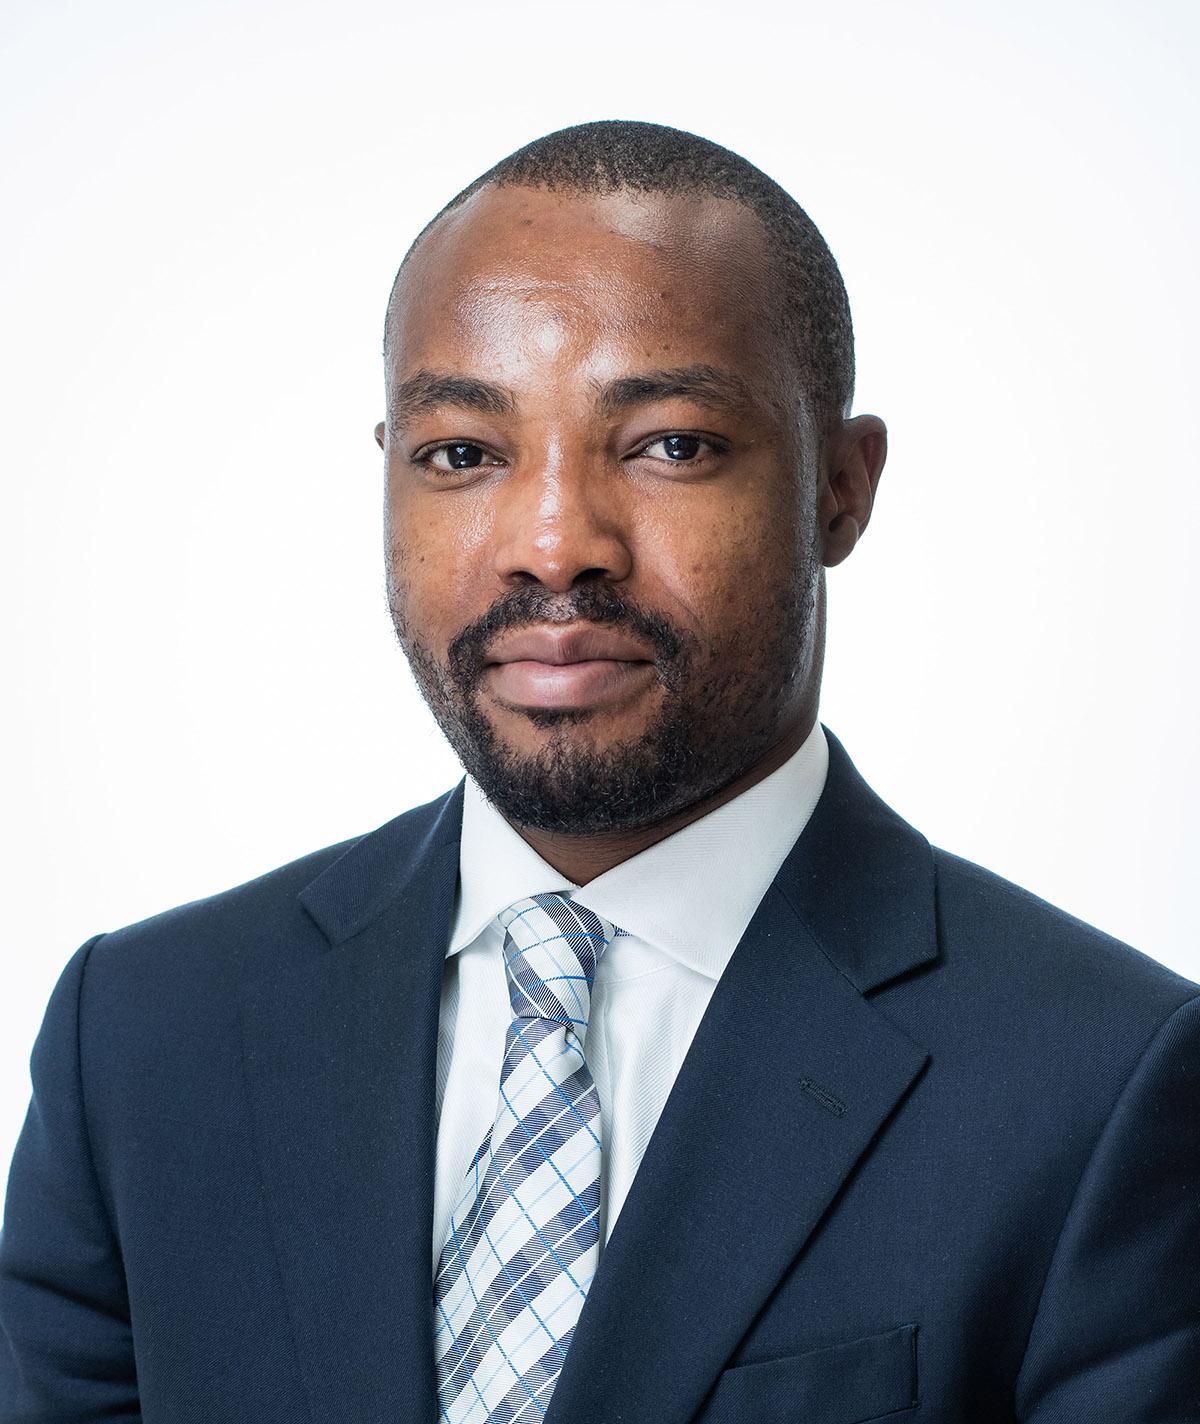 Kenneth David-Asonye